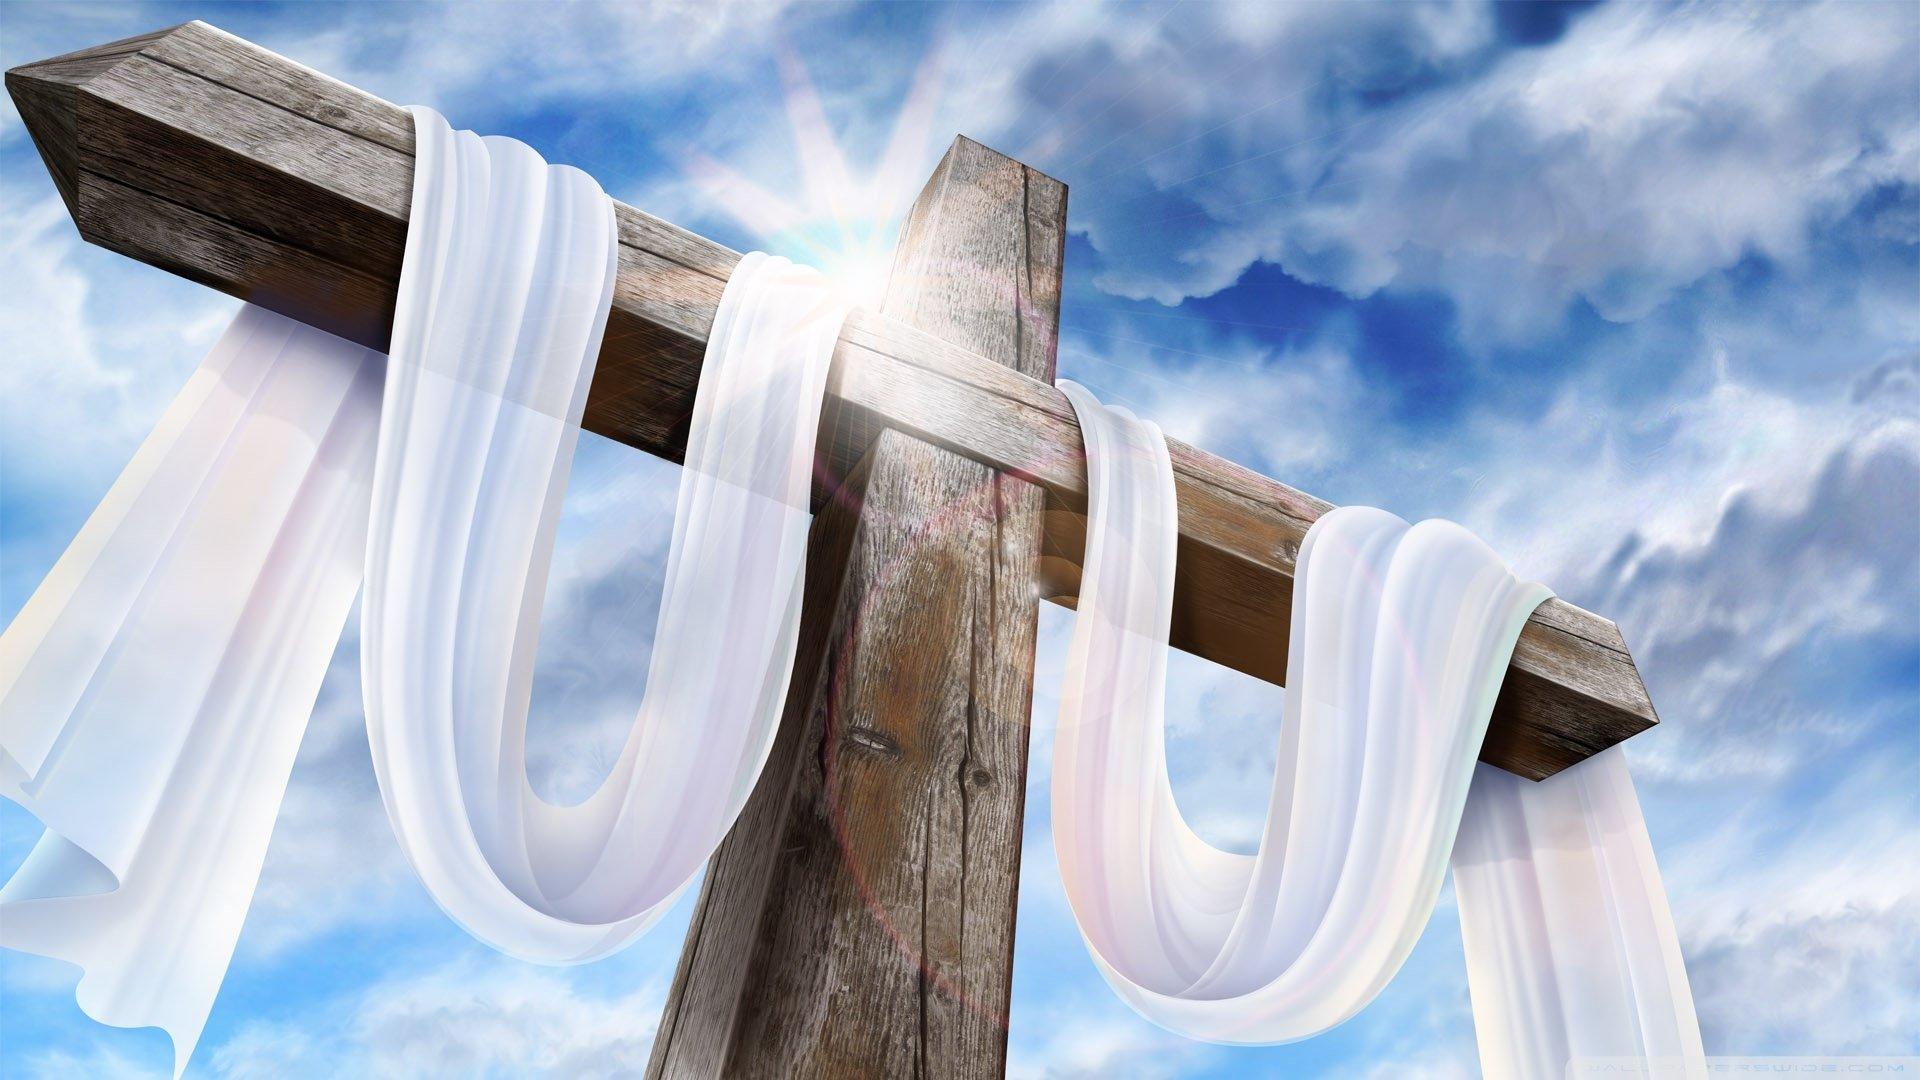 节日 - 复活节  Cross 木质 白色 天空 蓝色 宗教 基督教 壁纸